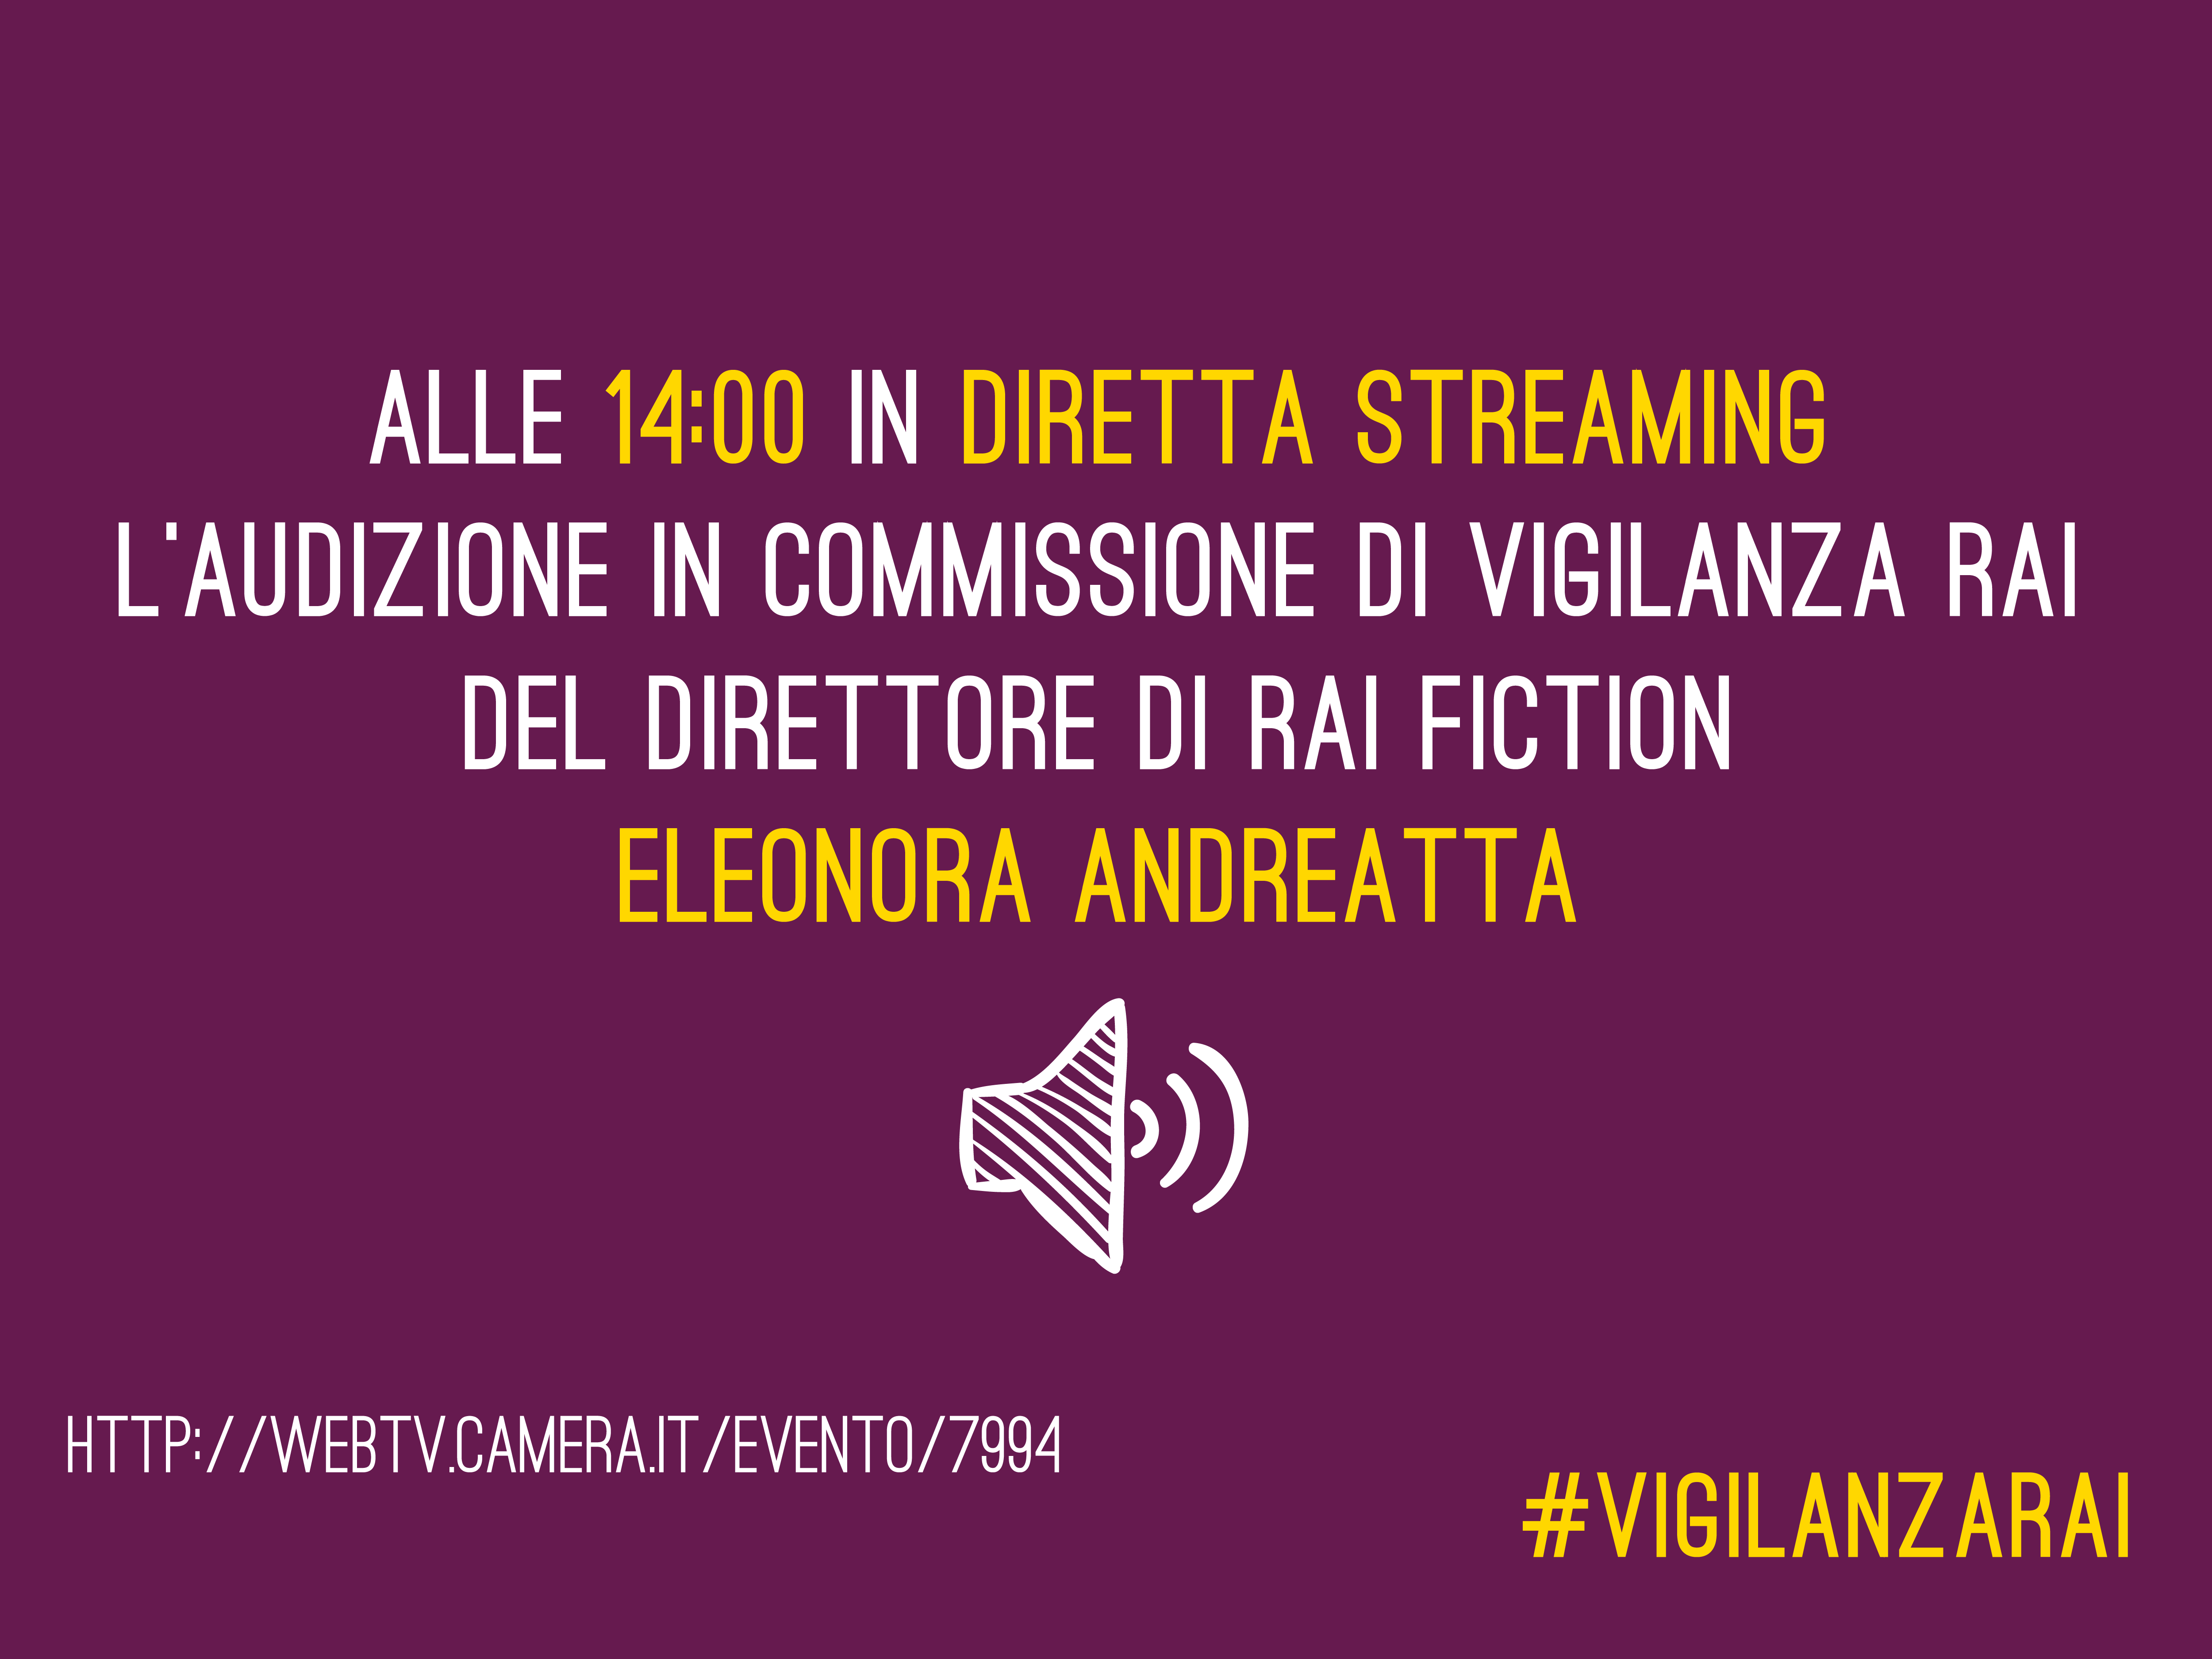 Audizione in commissione Vigilanza Rai Eleonora Andreatta